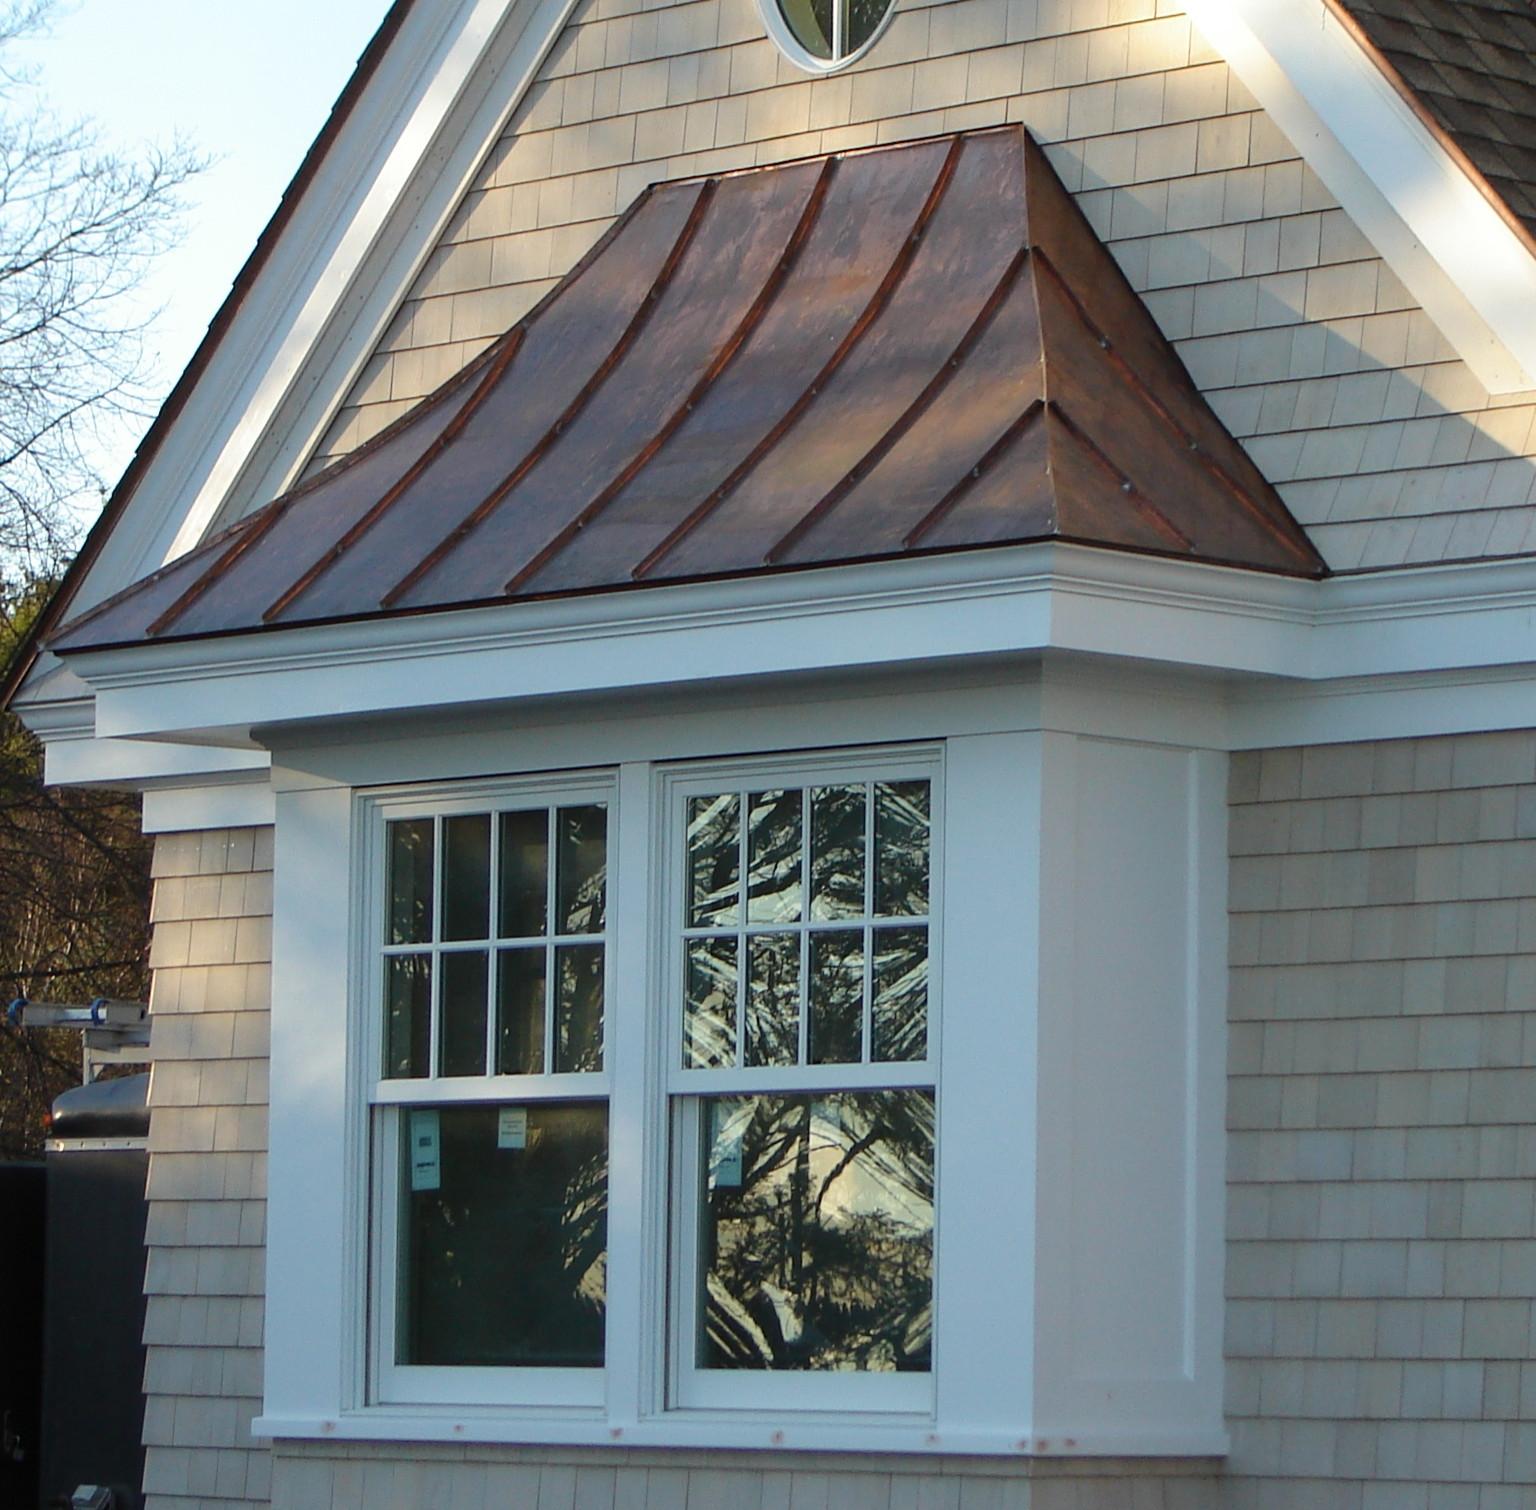 Roof Over Window Houzz